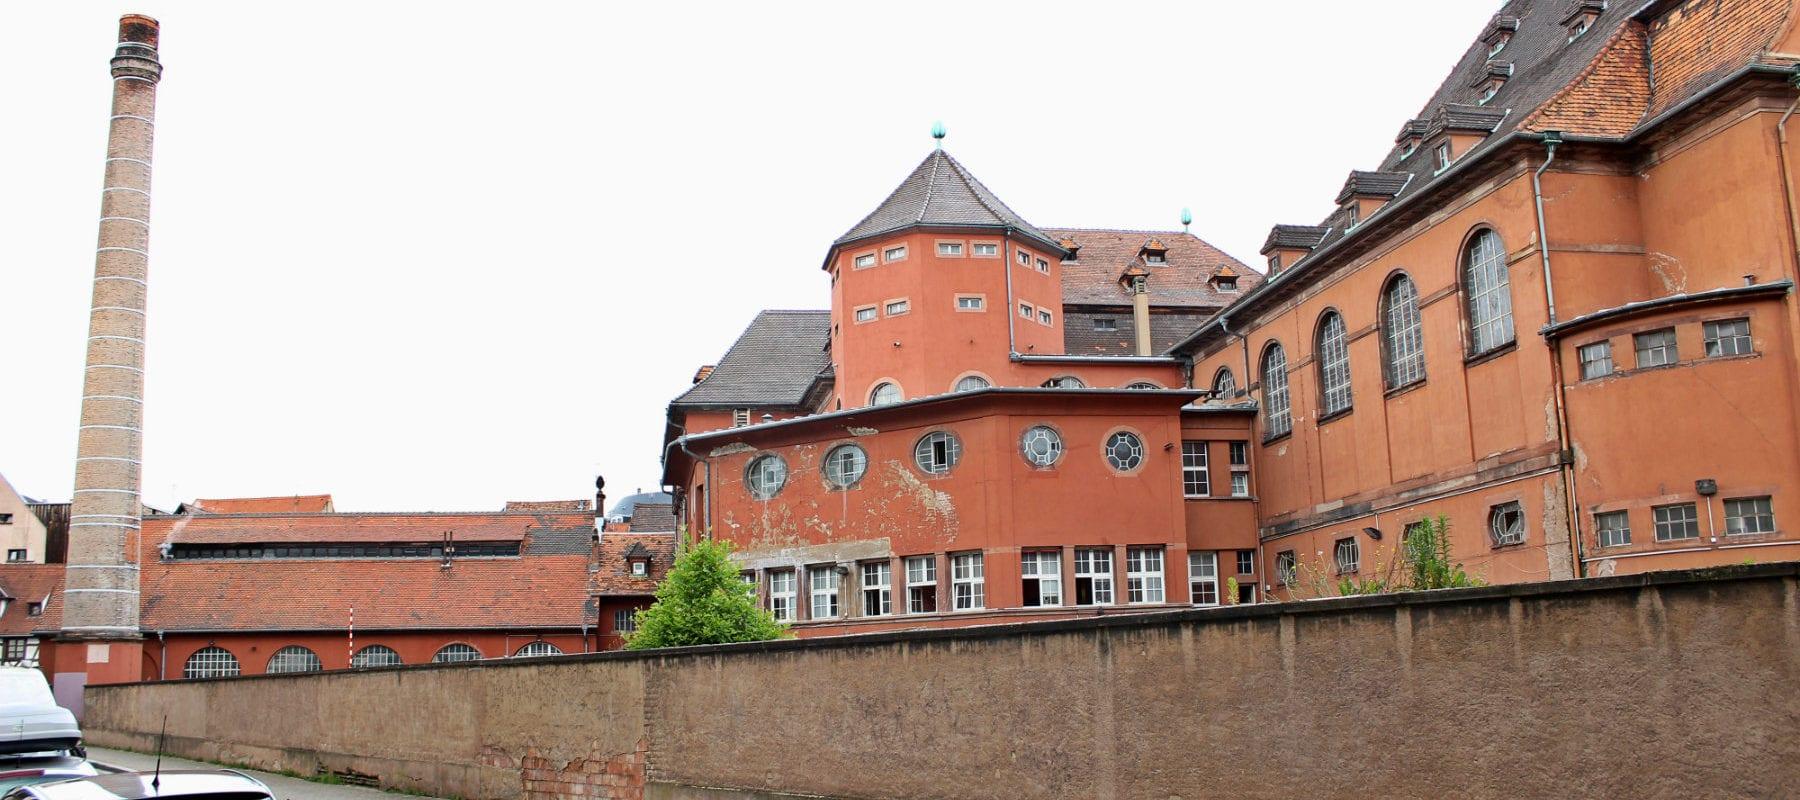 Un délégataire privé gérera les Bains municipaux après une rénovation publique